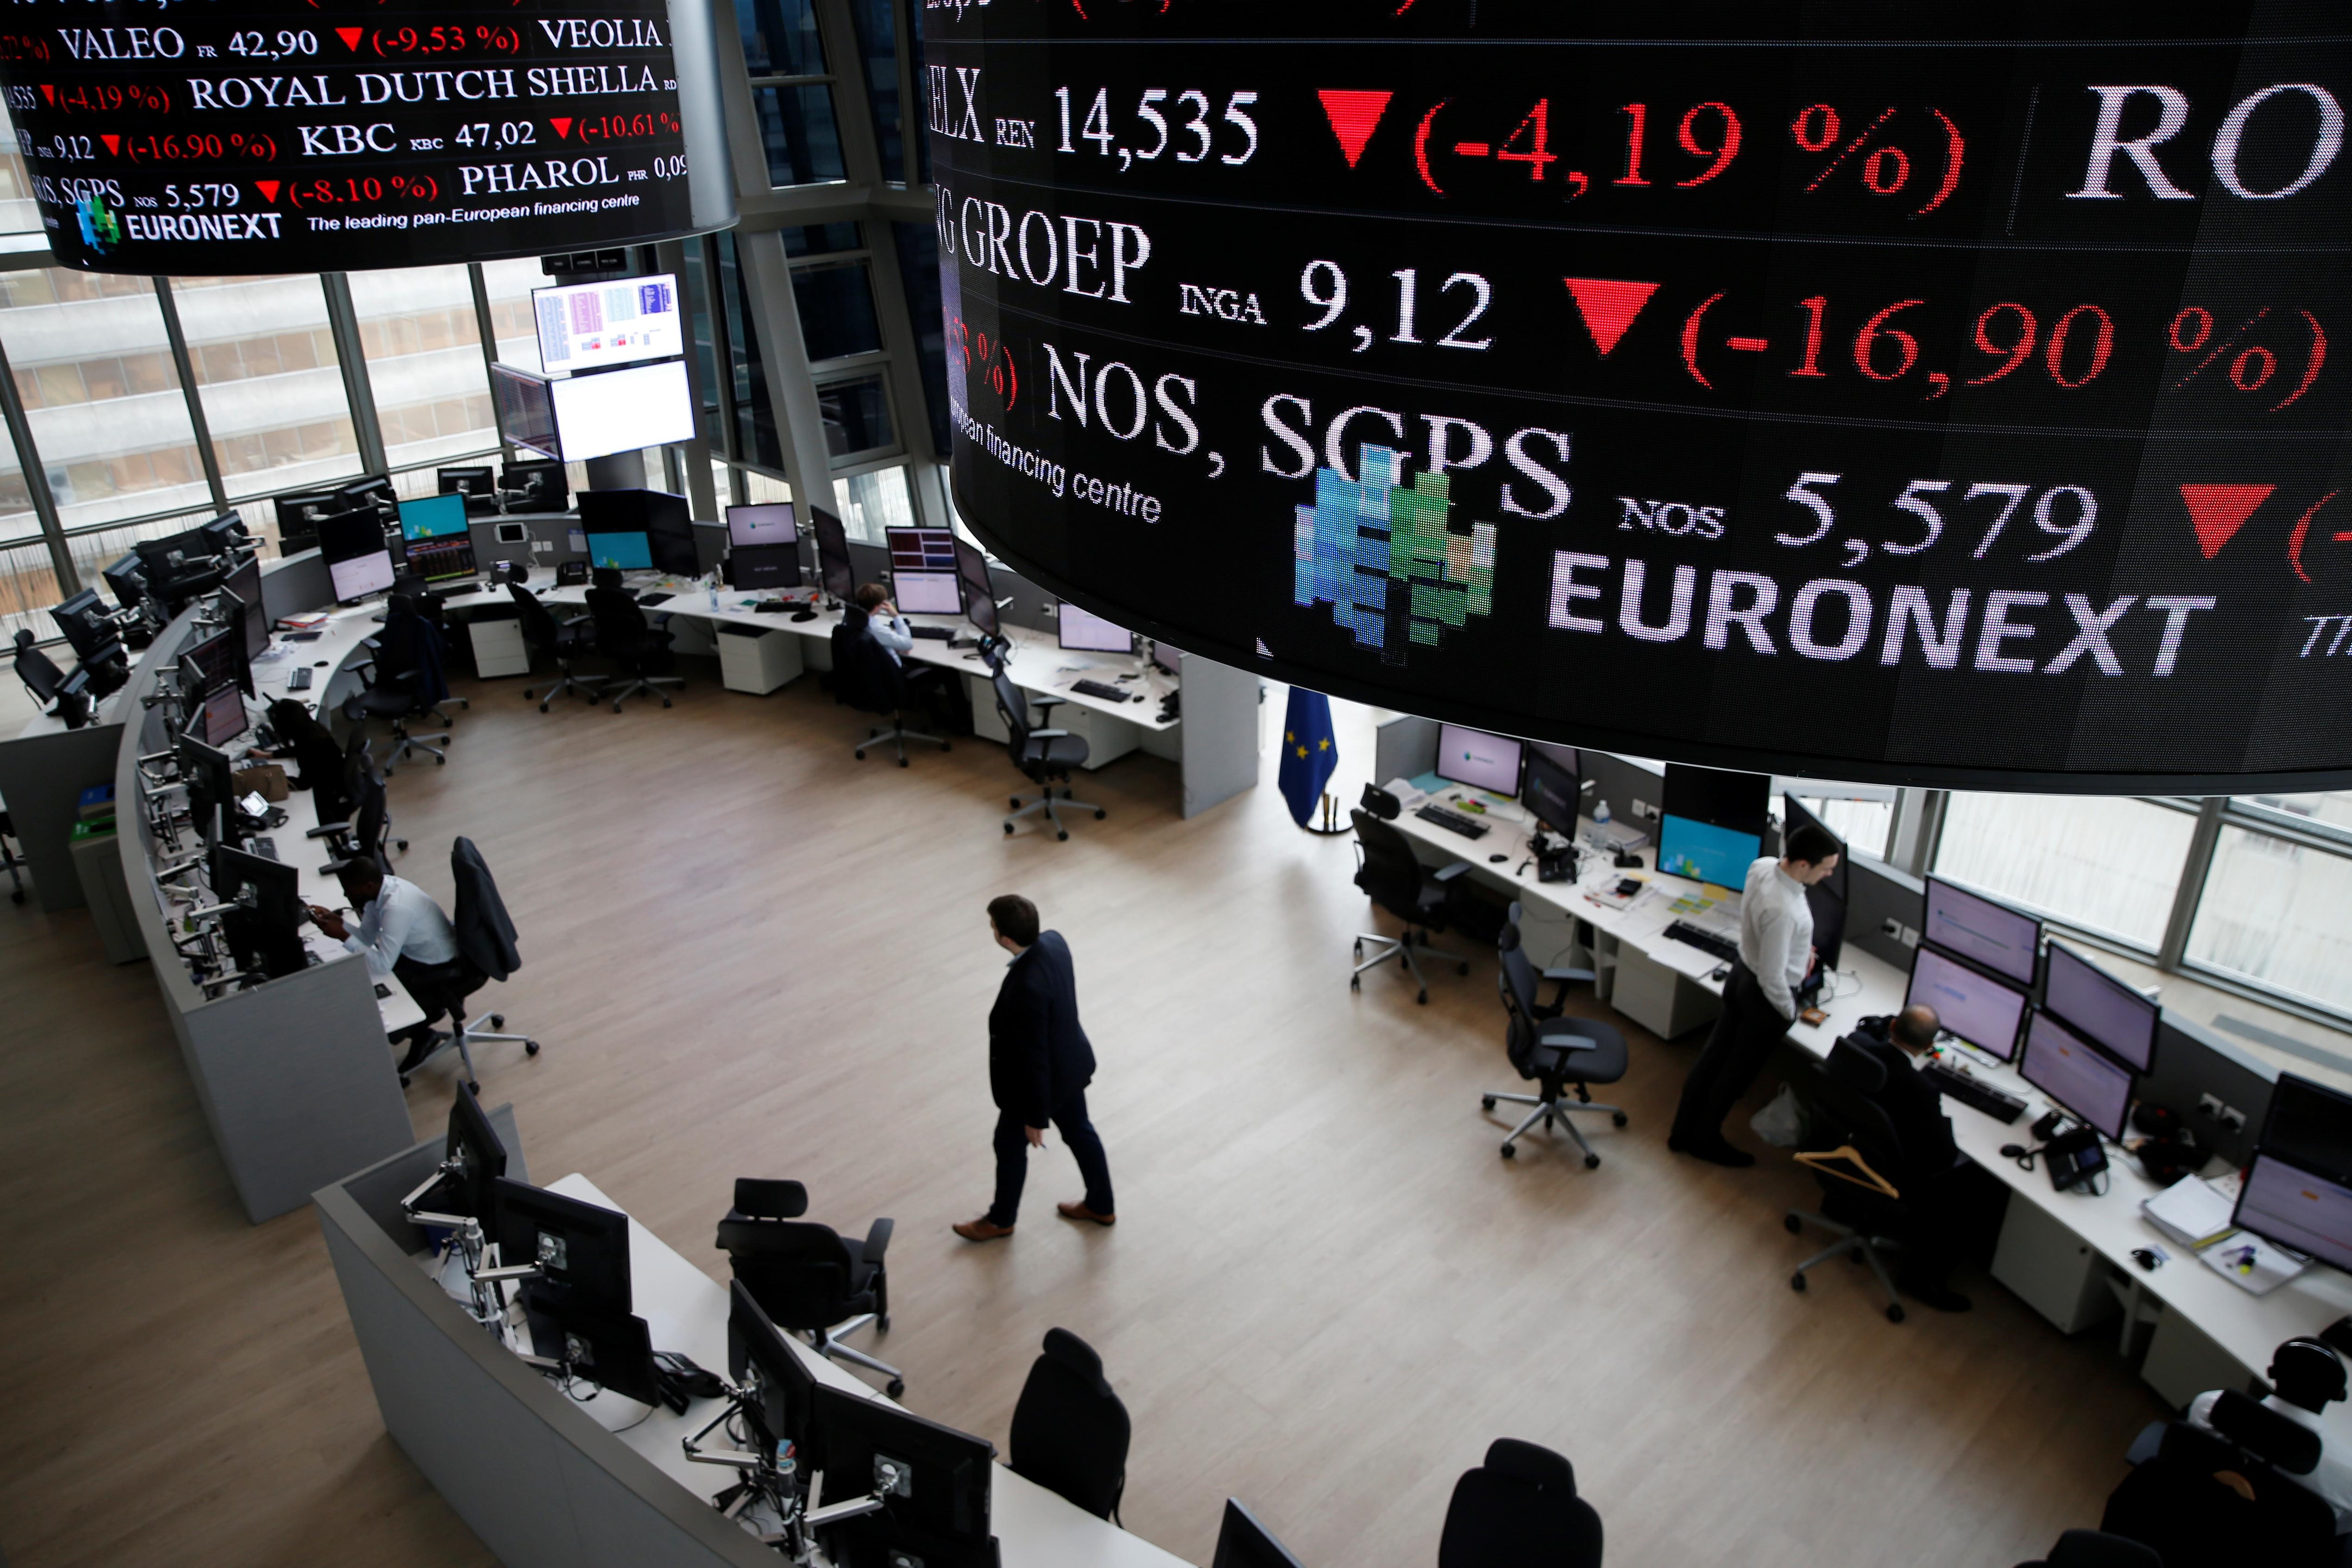 CAC 40 : L'indice parisien a ouvert la séance en baisse de -0.57%